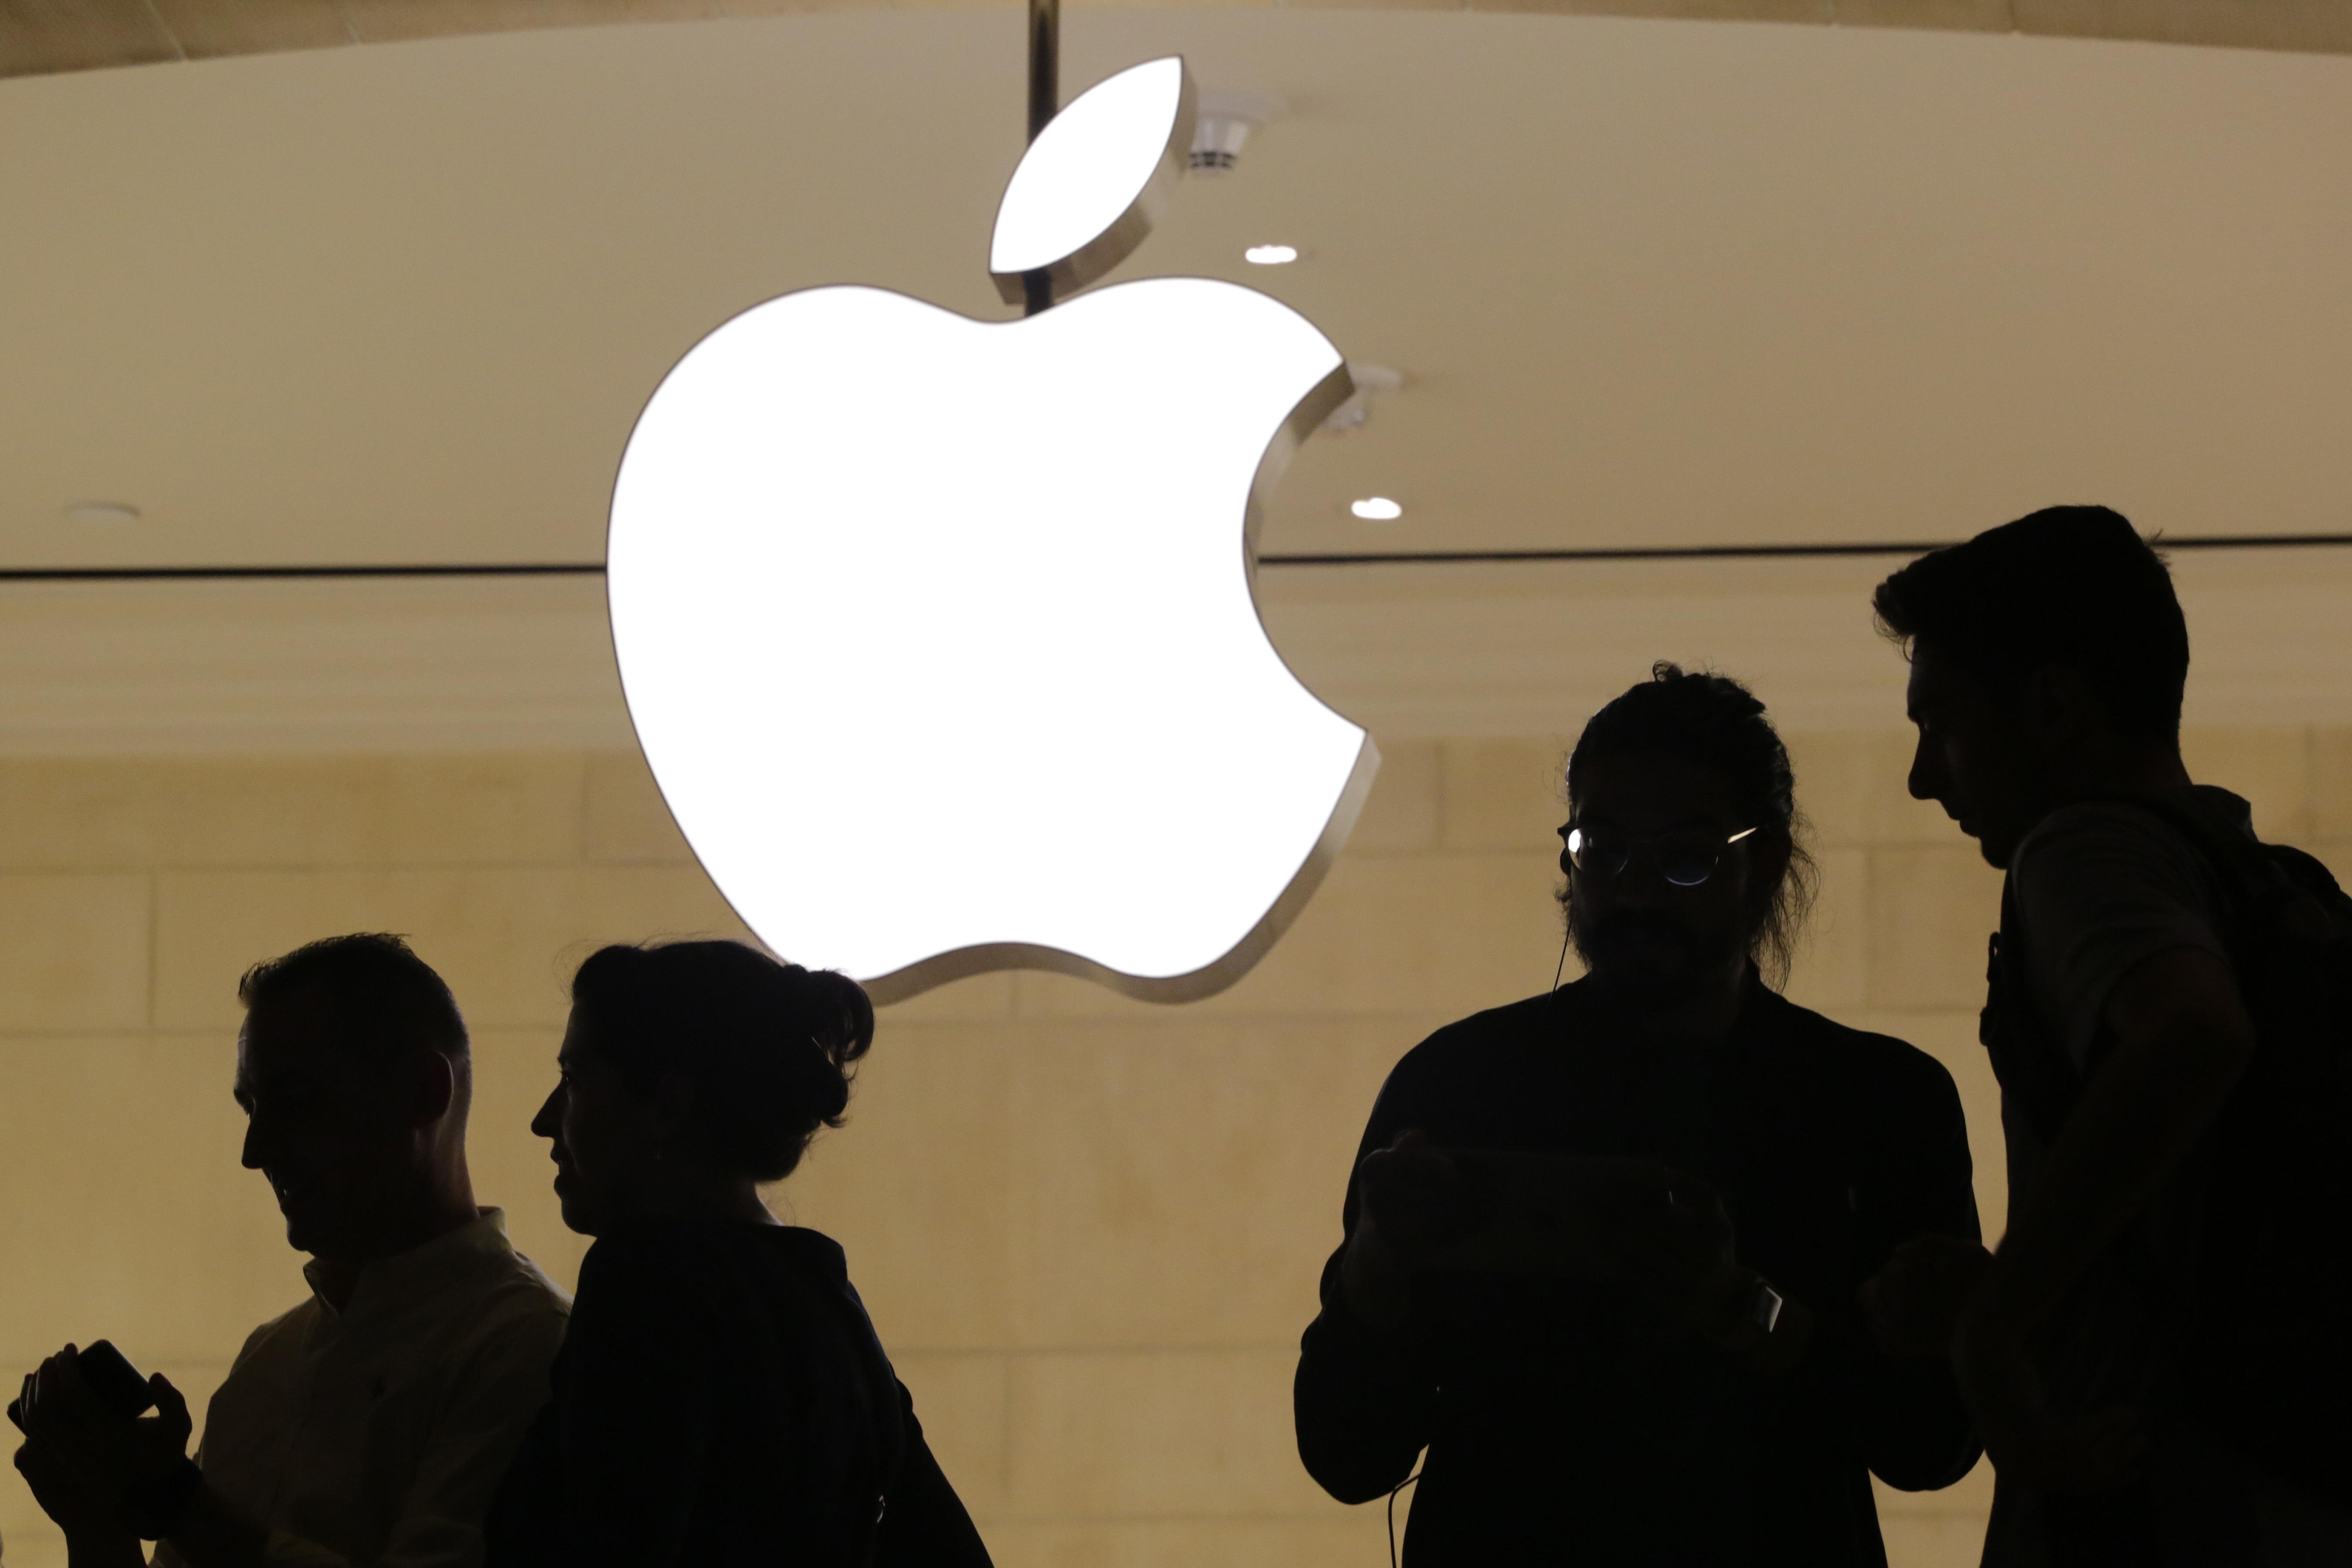 Apple has lost billions of dollars in market value.